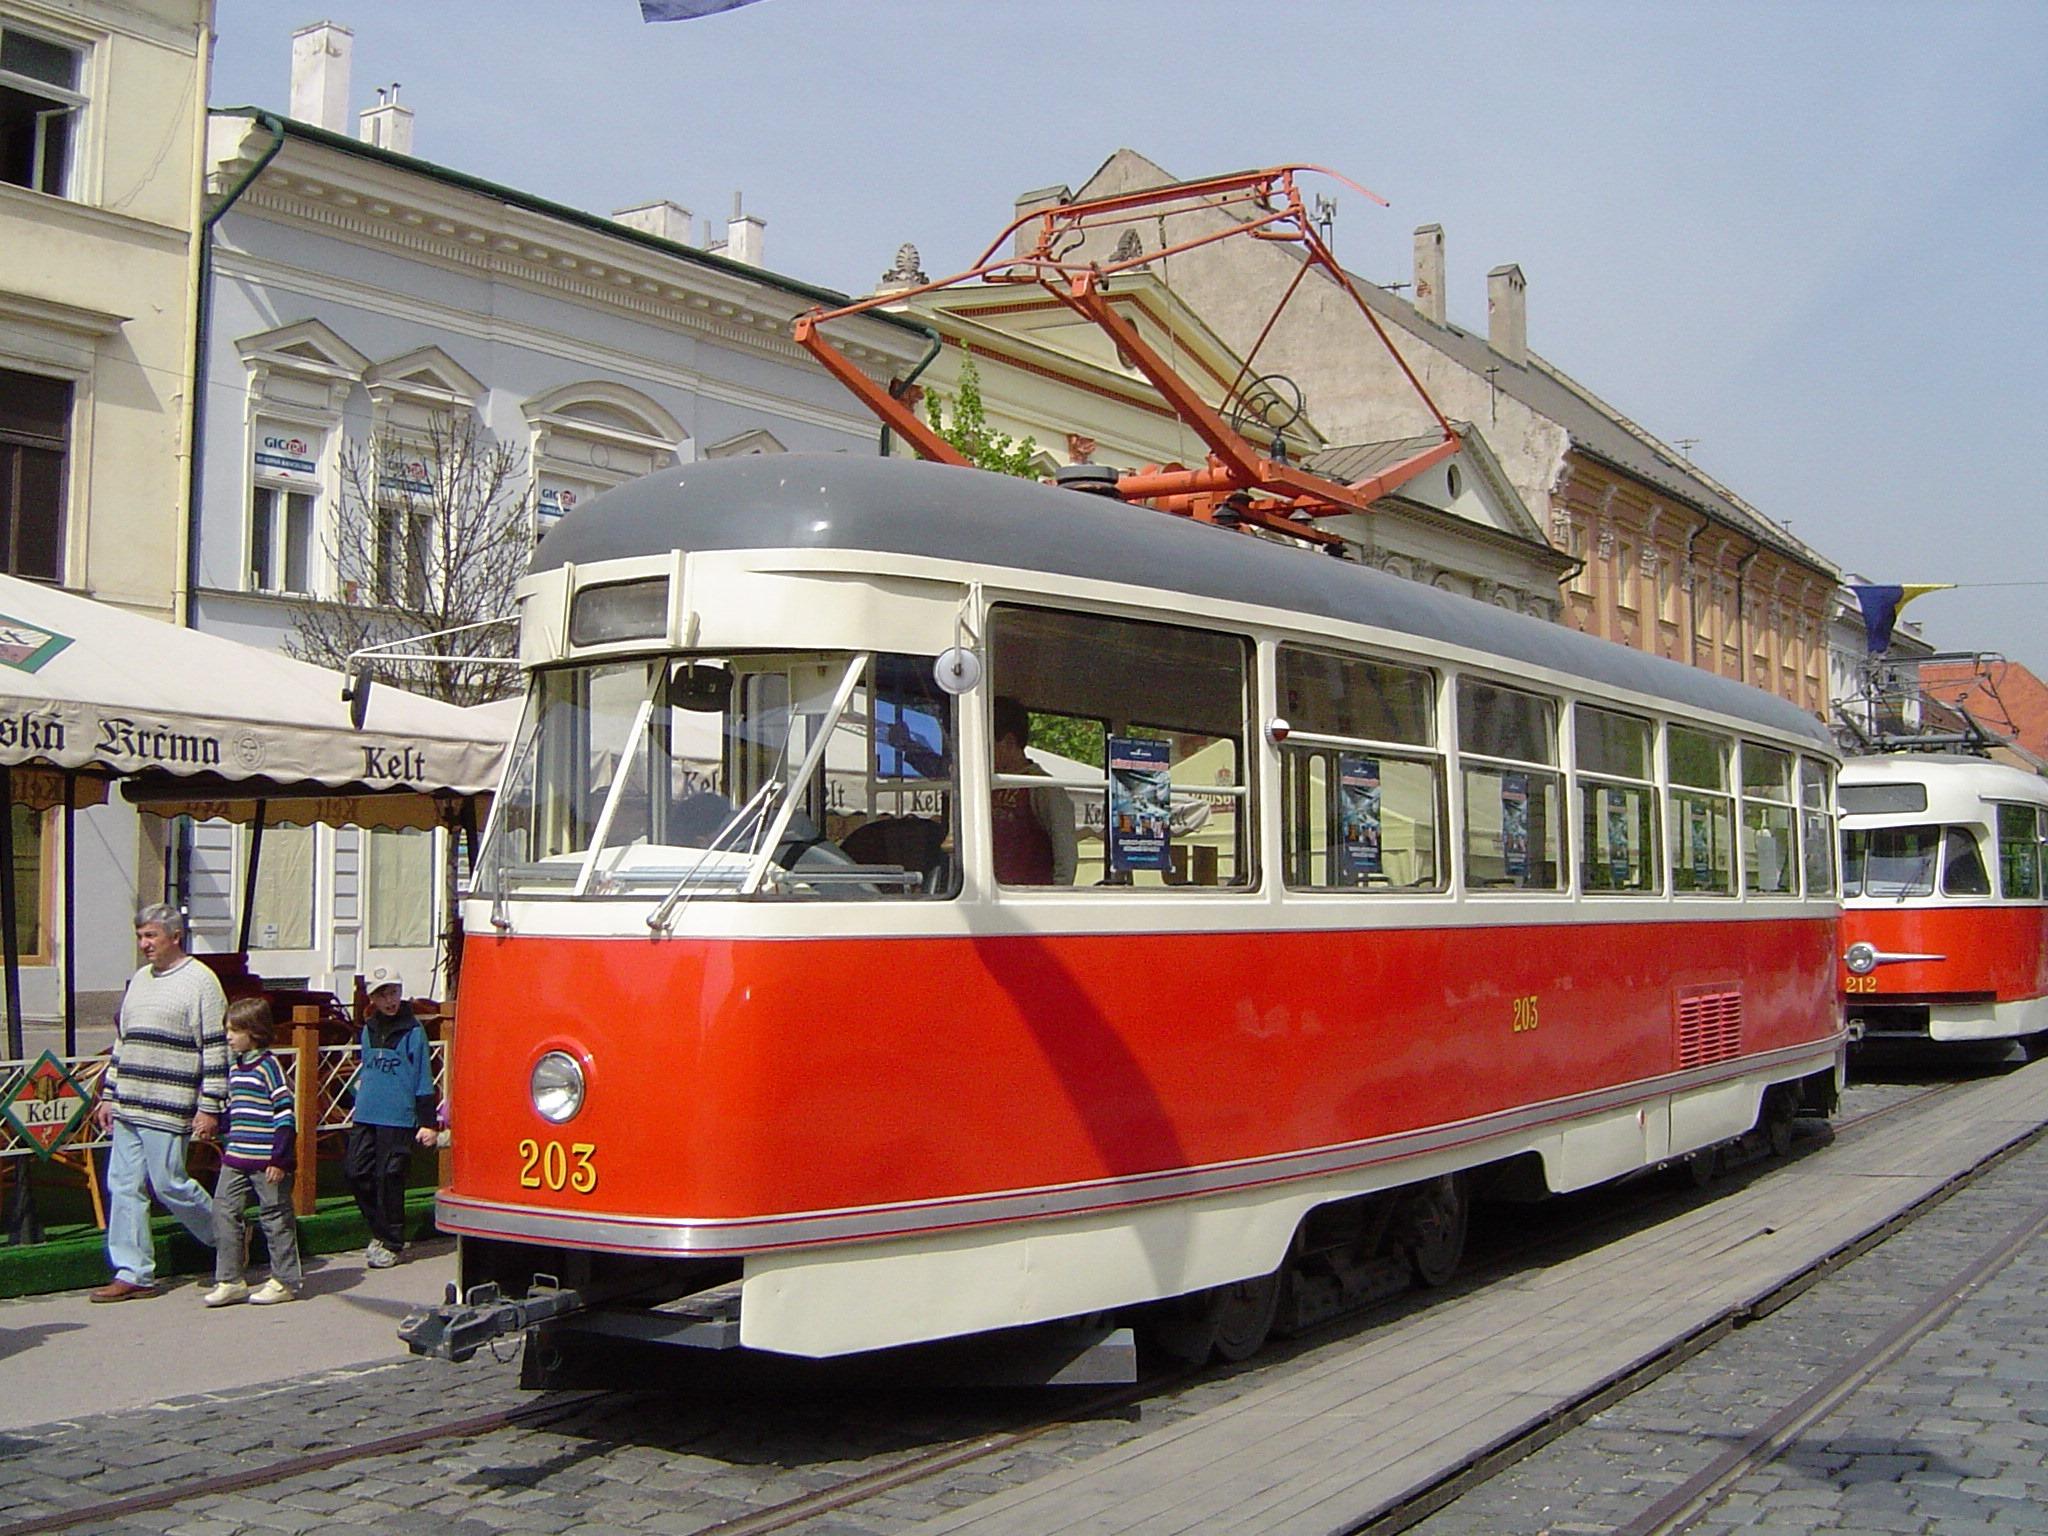 Tramvaj T1 ev. č. 203 je původním košickém vozem téhož evidenčního čísla. Její současná podoba je ale dána úpravami, kterými vůz prošel v Ostravě, kde nesl ev. č. 683. (foto: František Šimčák)